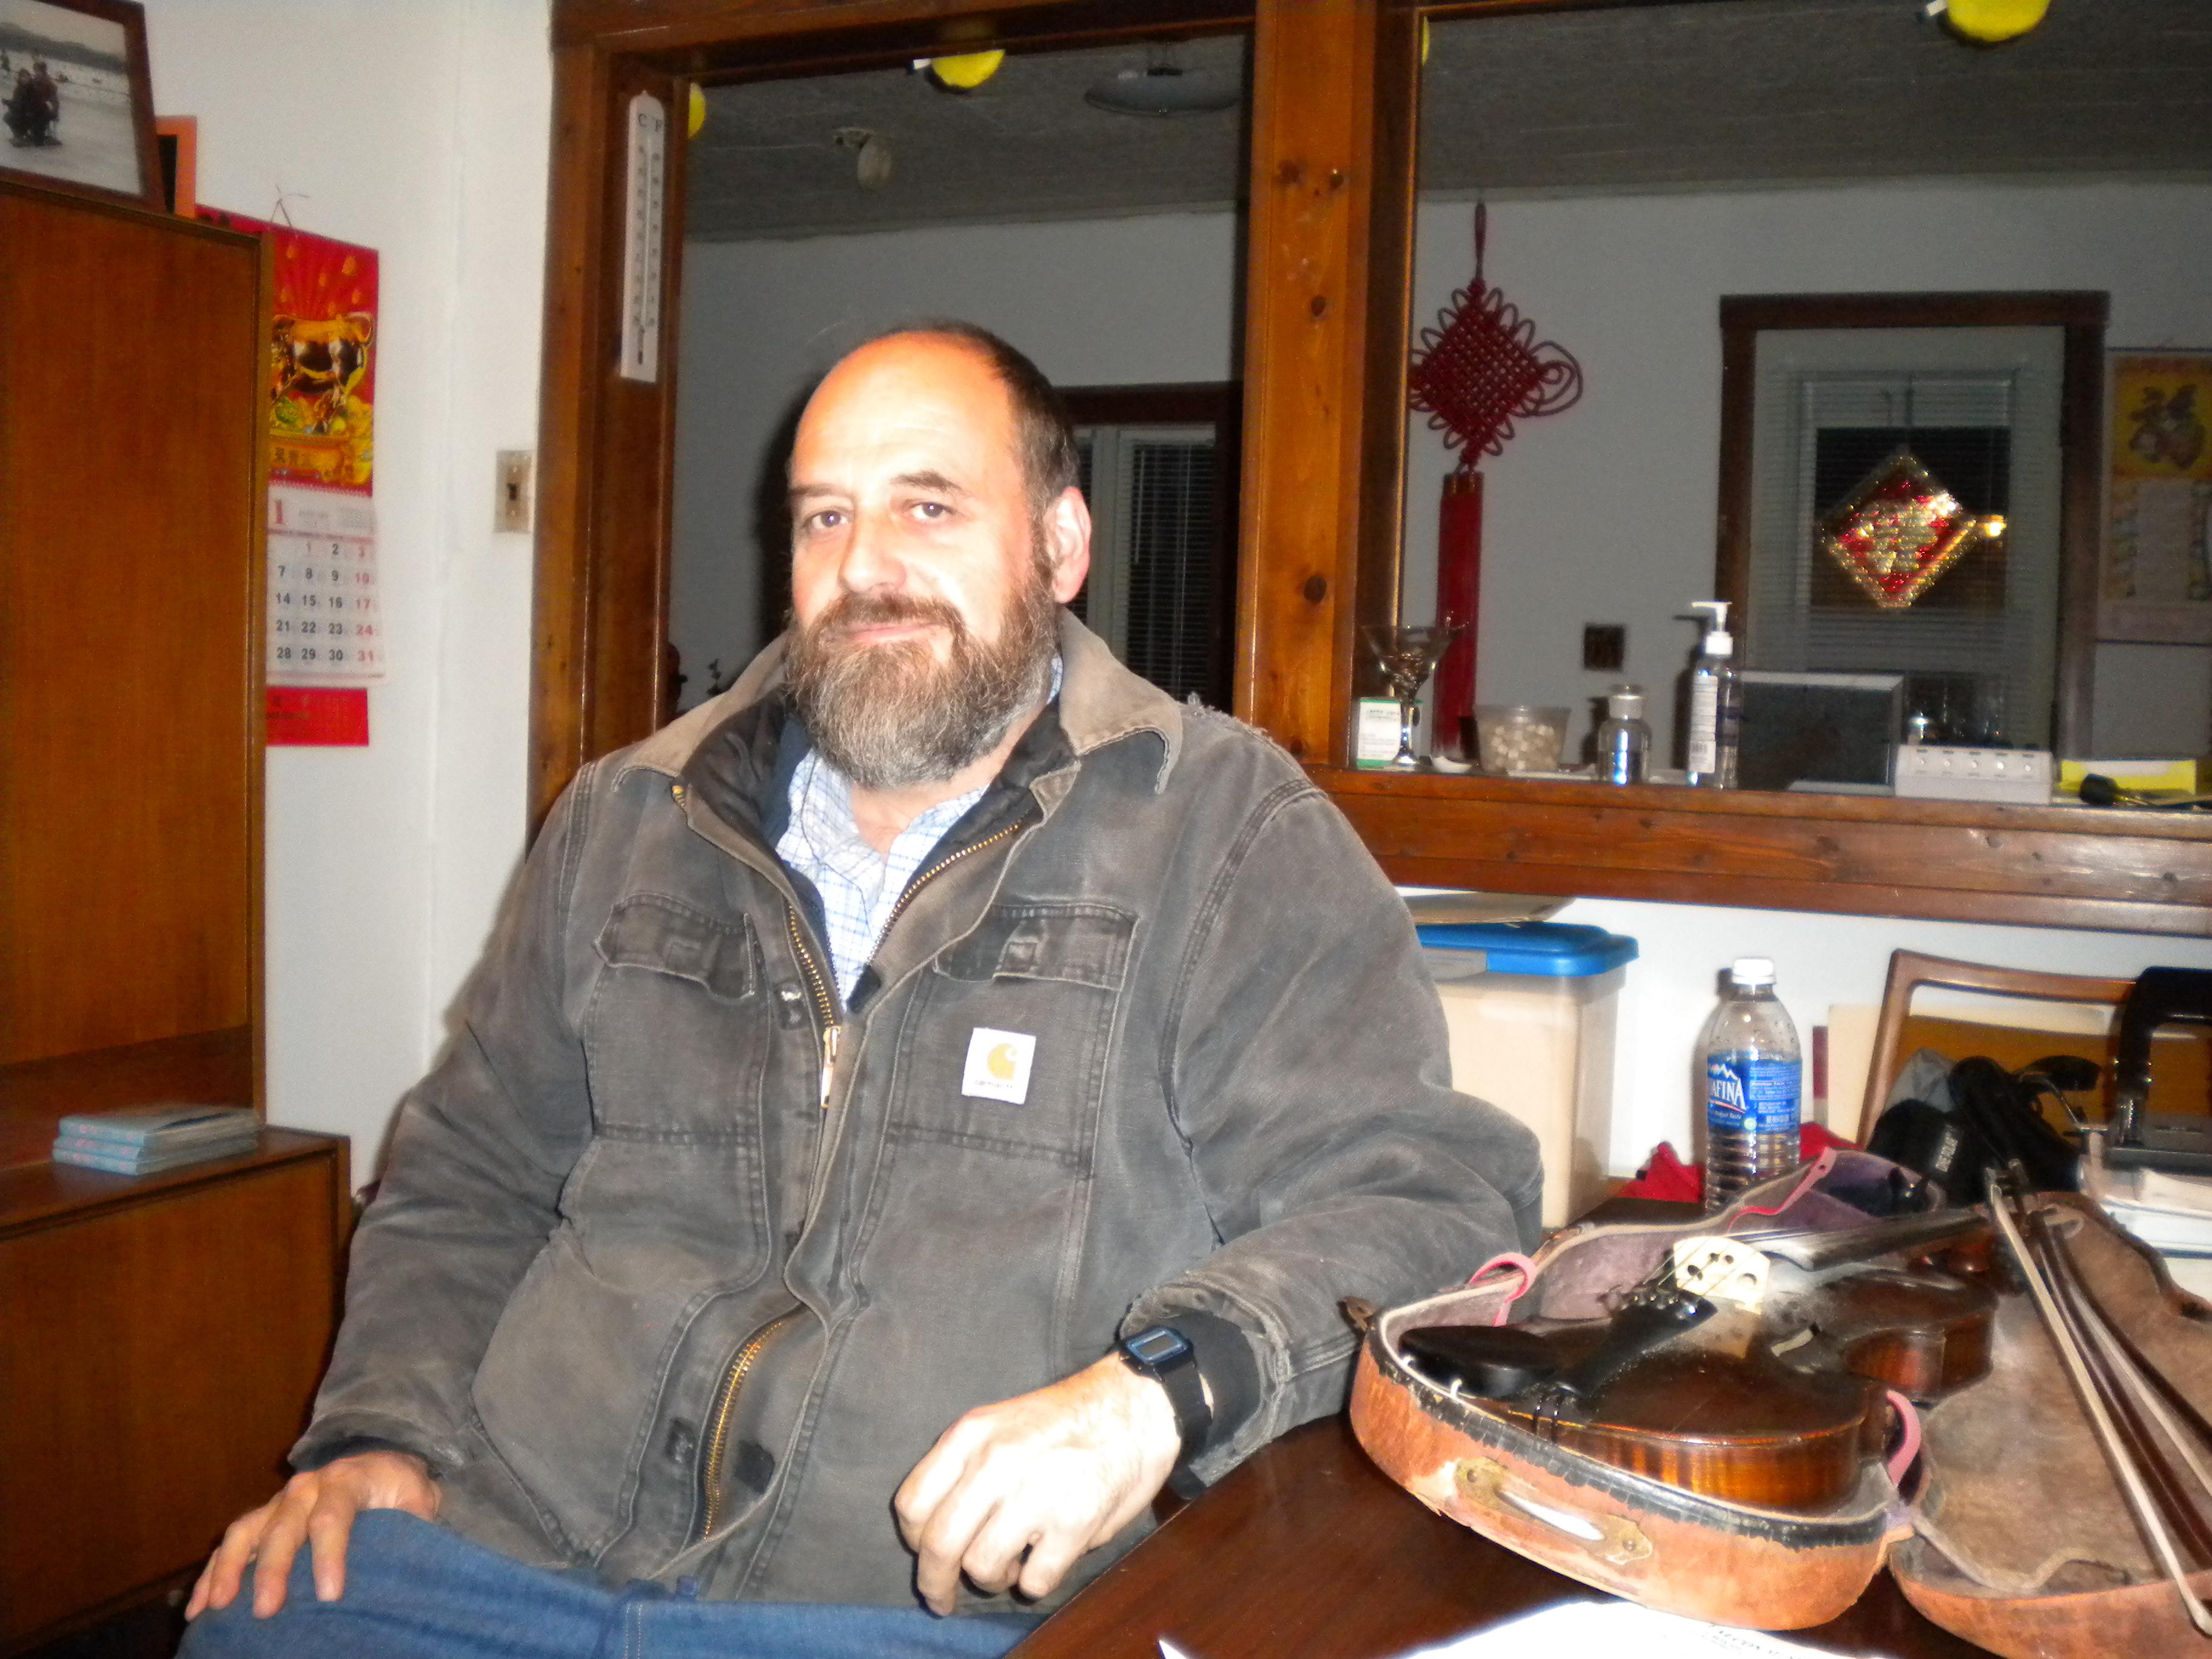 SteveJames-RIP 02-29-12